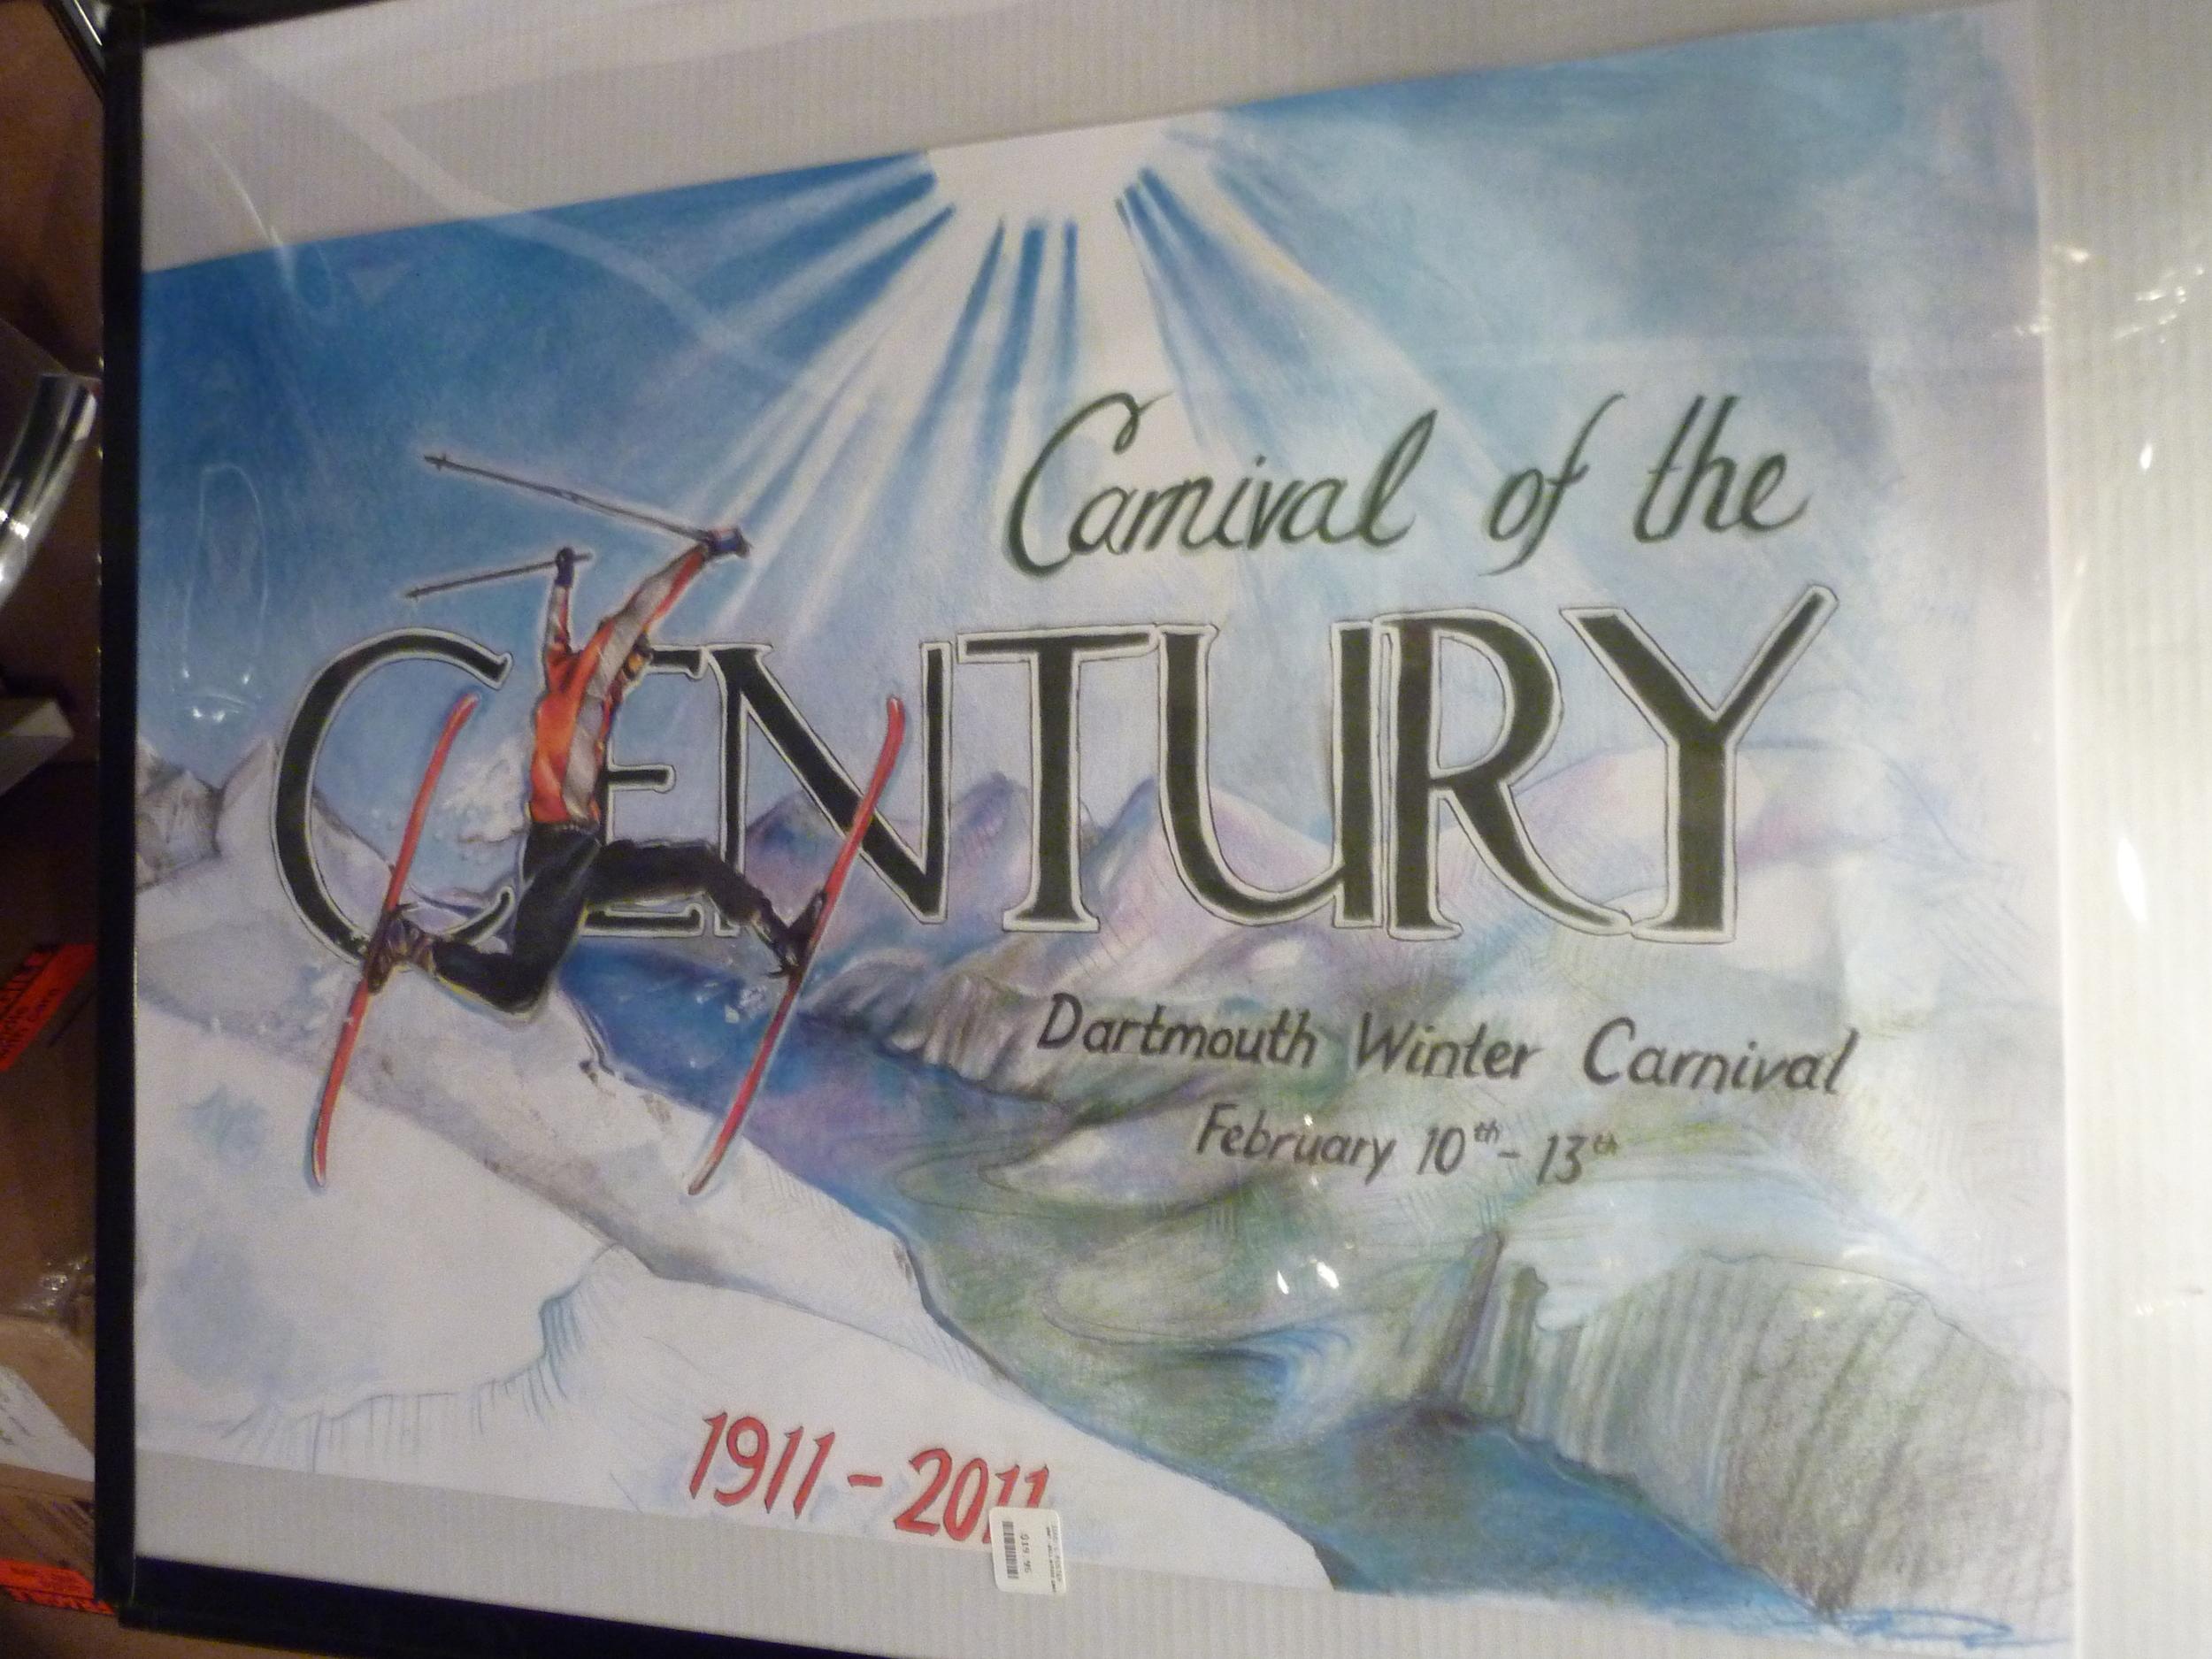 Dartmouth Winter Carnival 2011